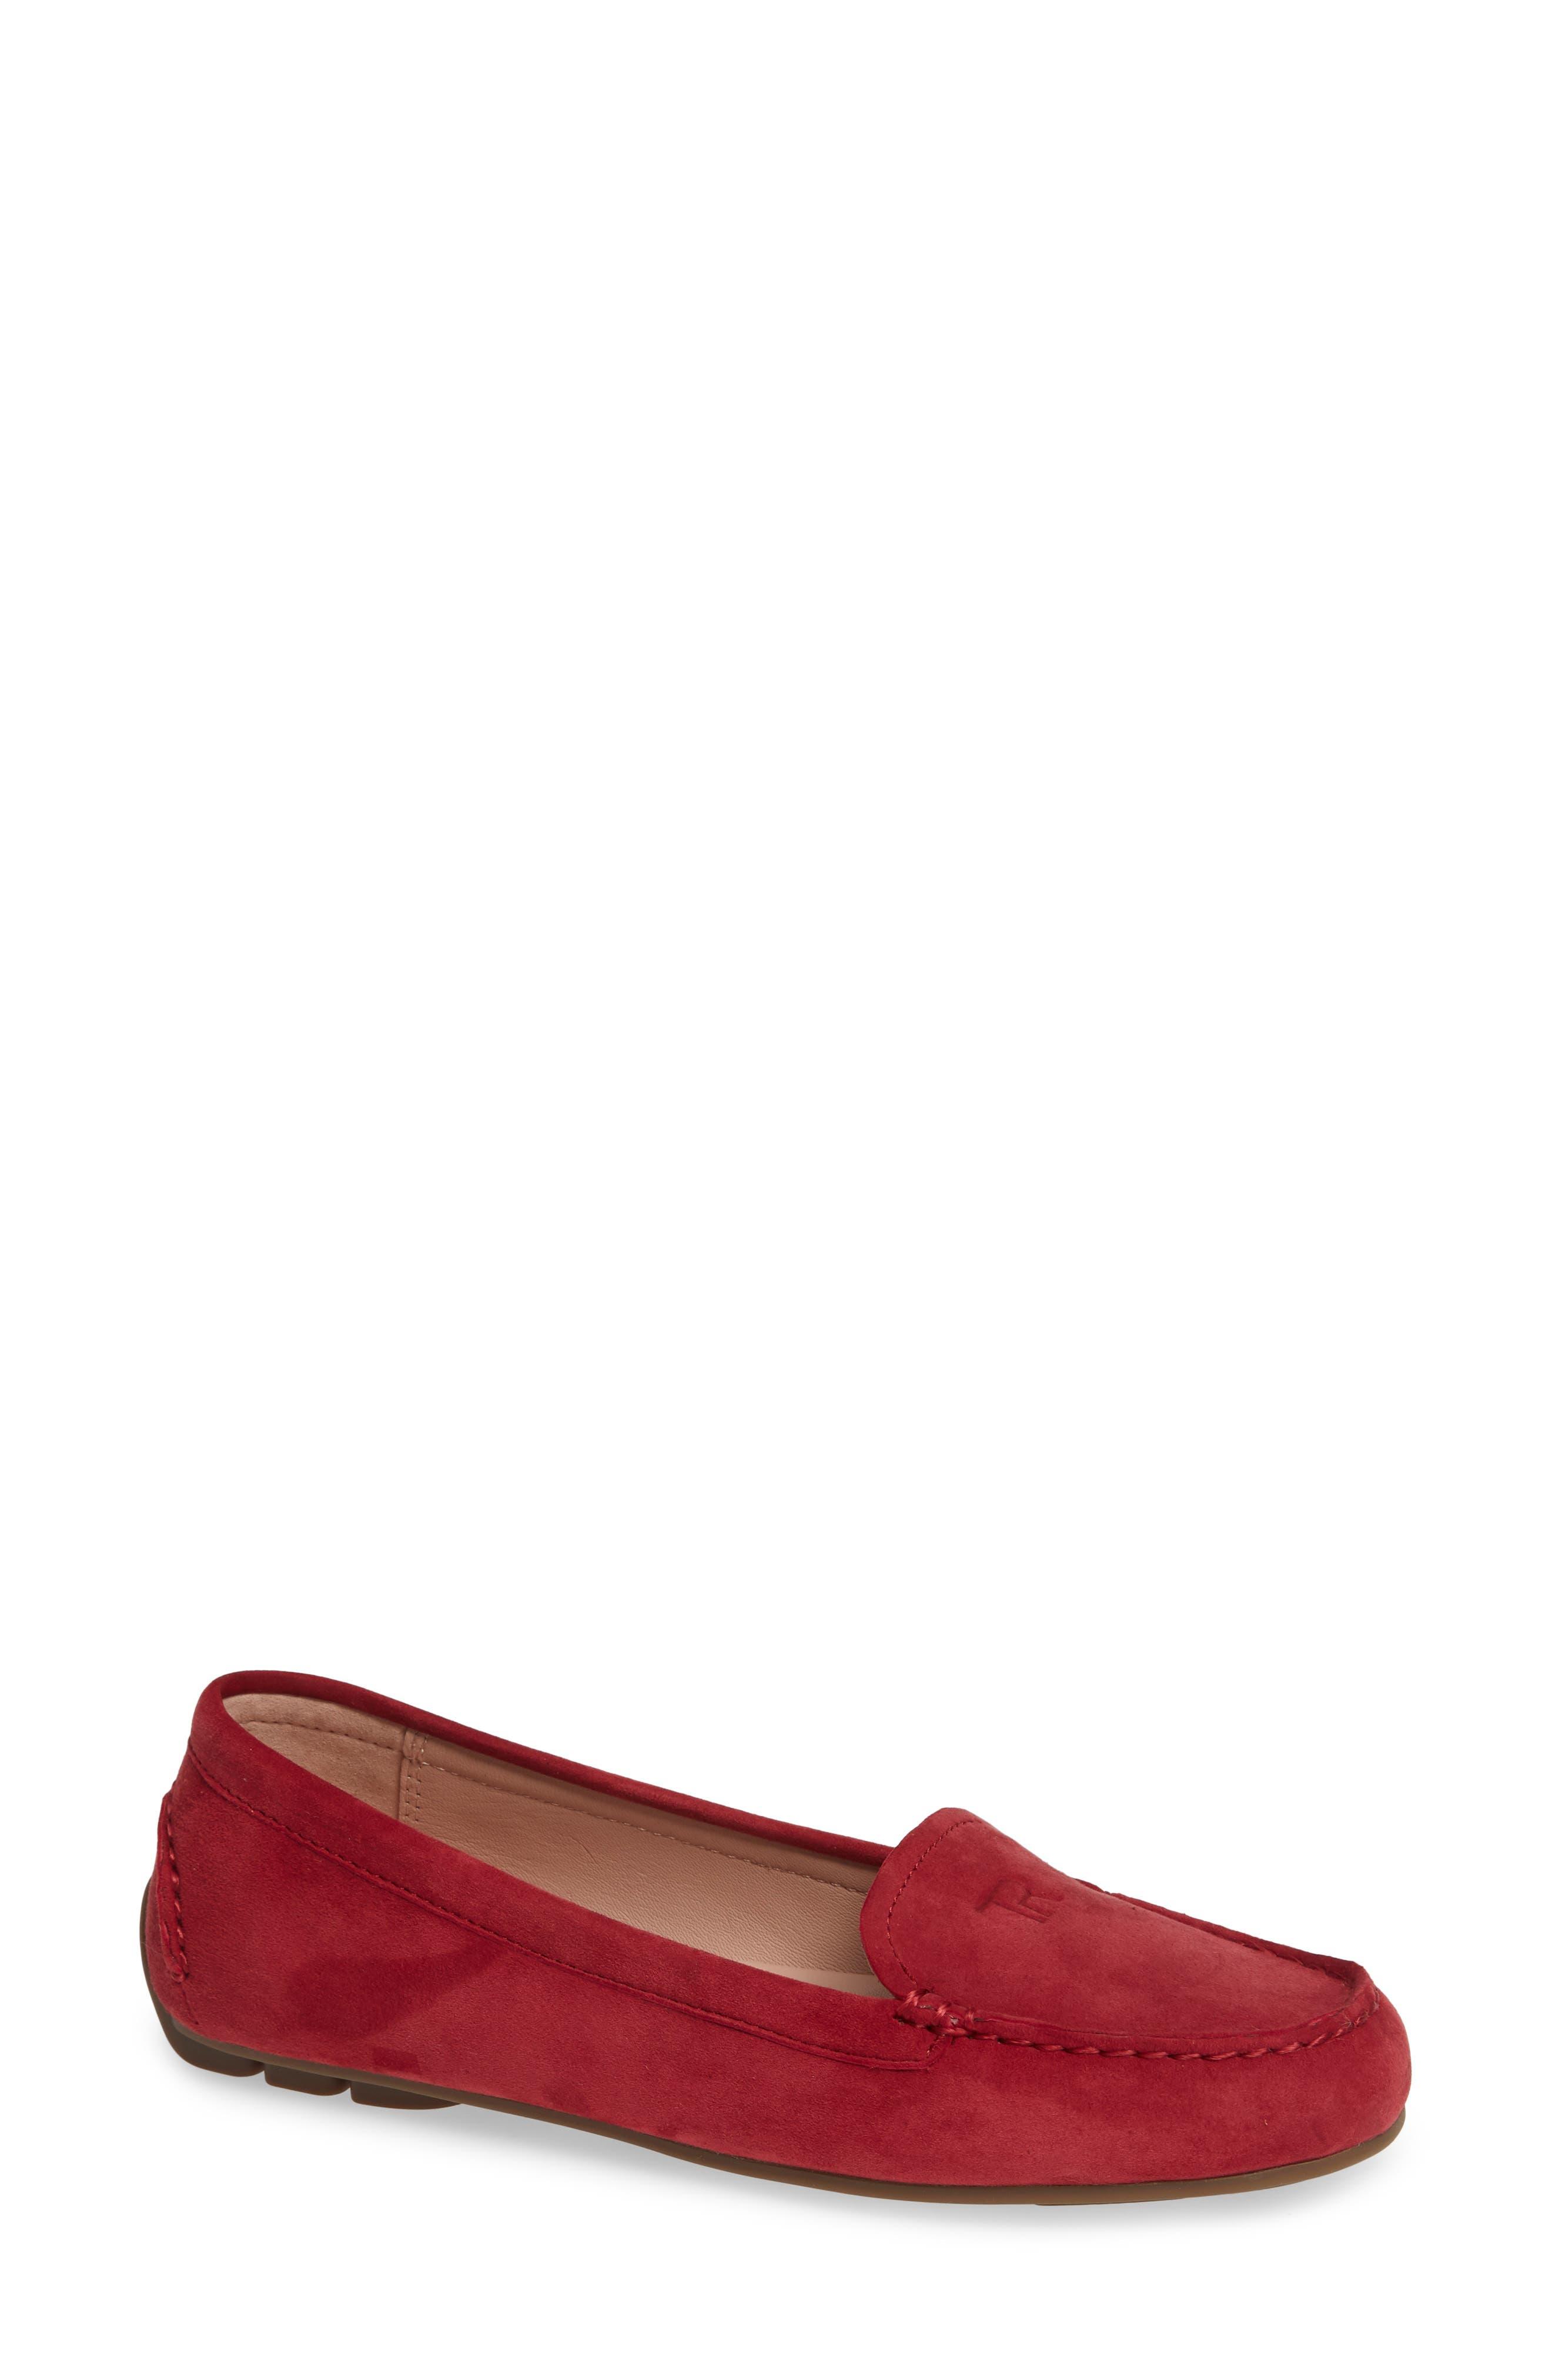 TARYN ROSE, Karen Water Resistant Driving Loafer, Main thumbnail 1, color, 602